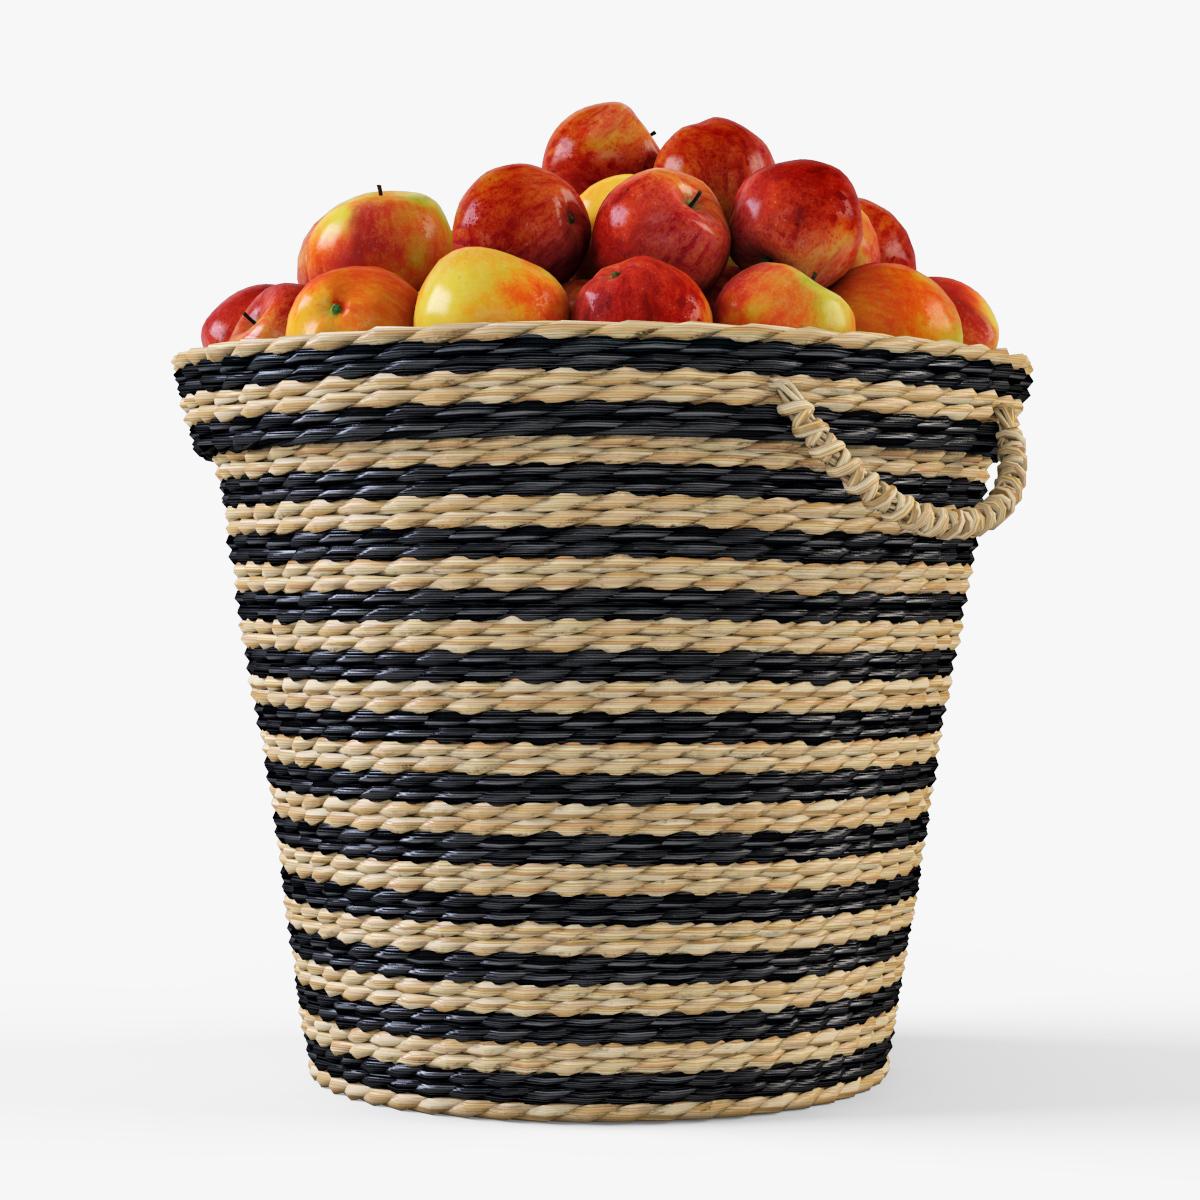 Wicker Apple Basket Ikea Maffens